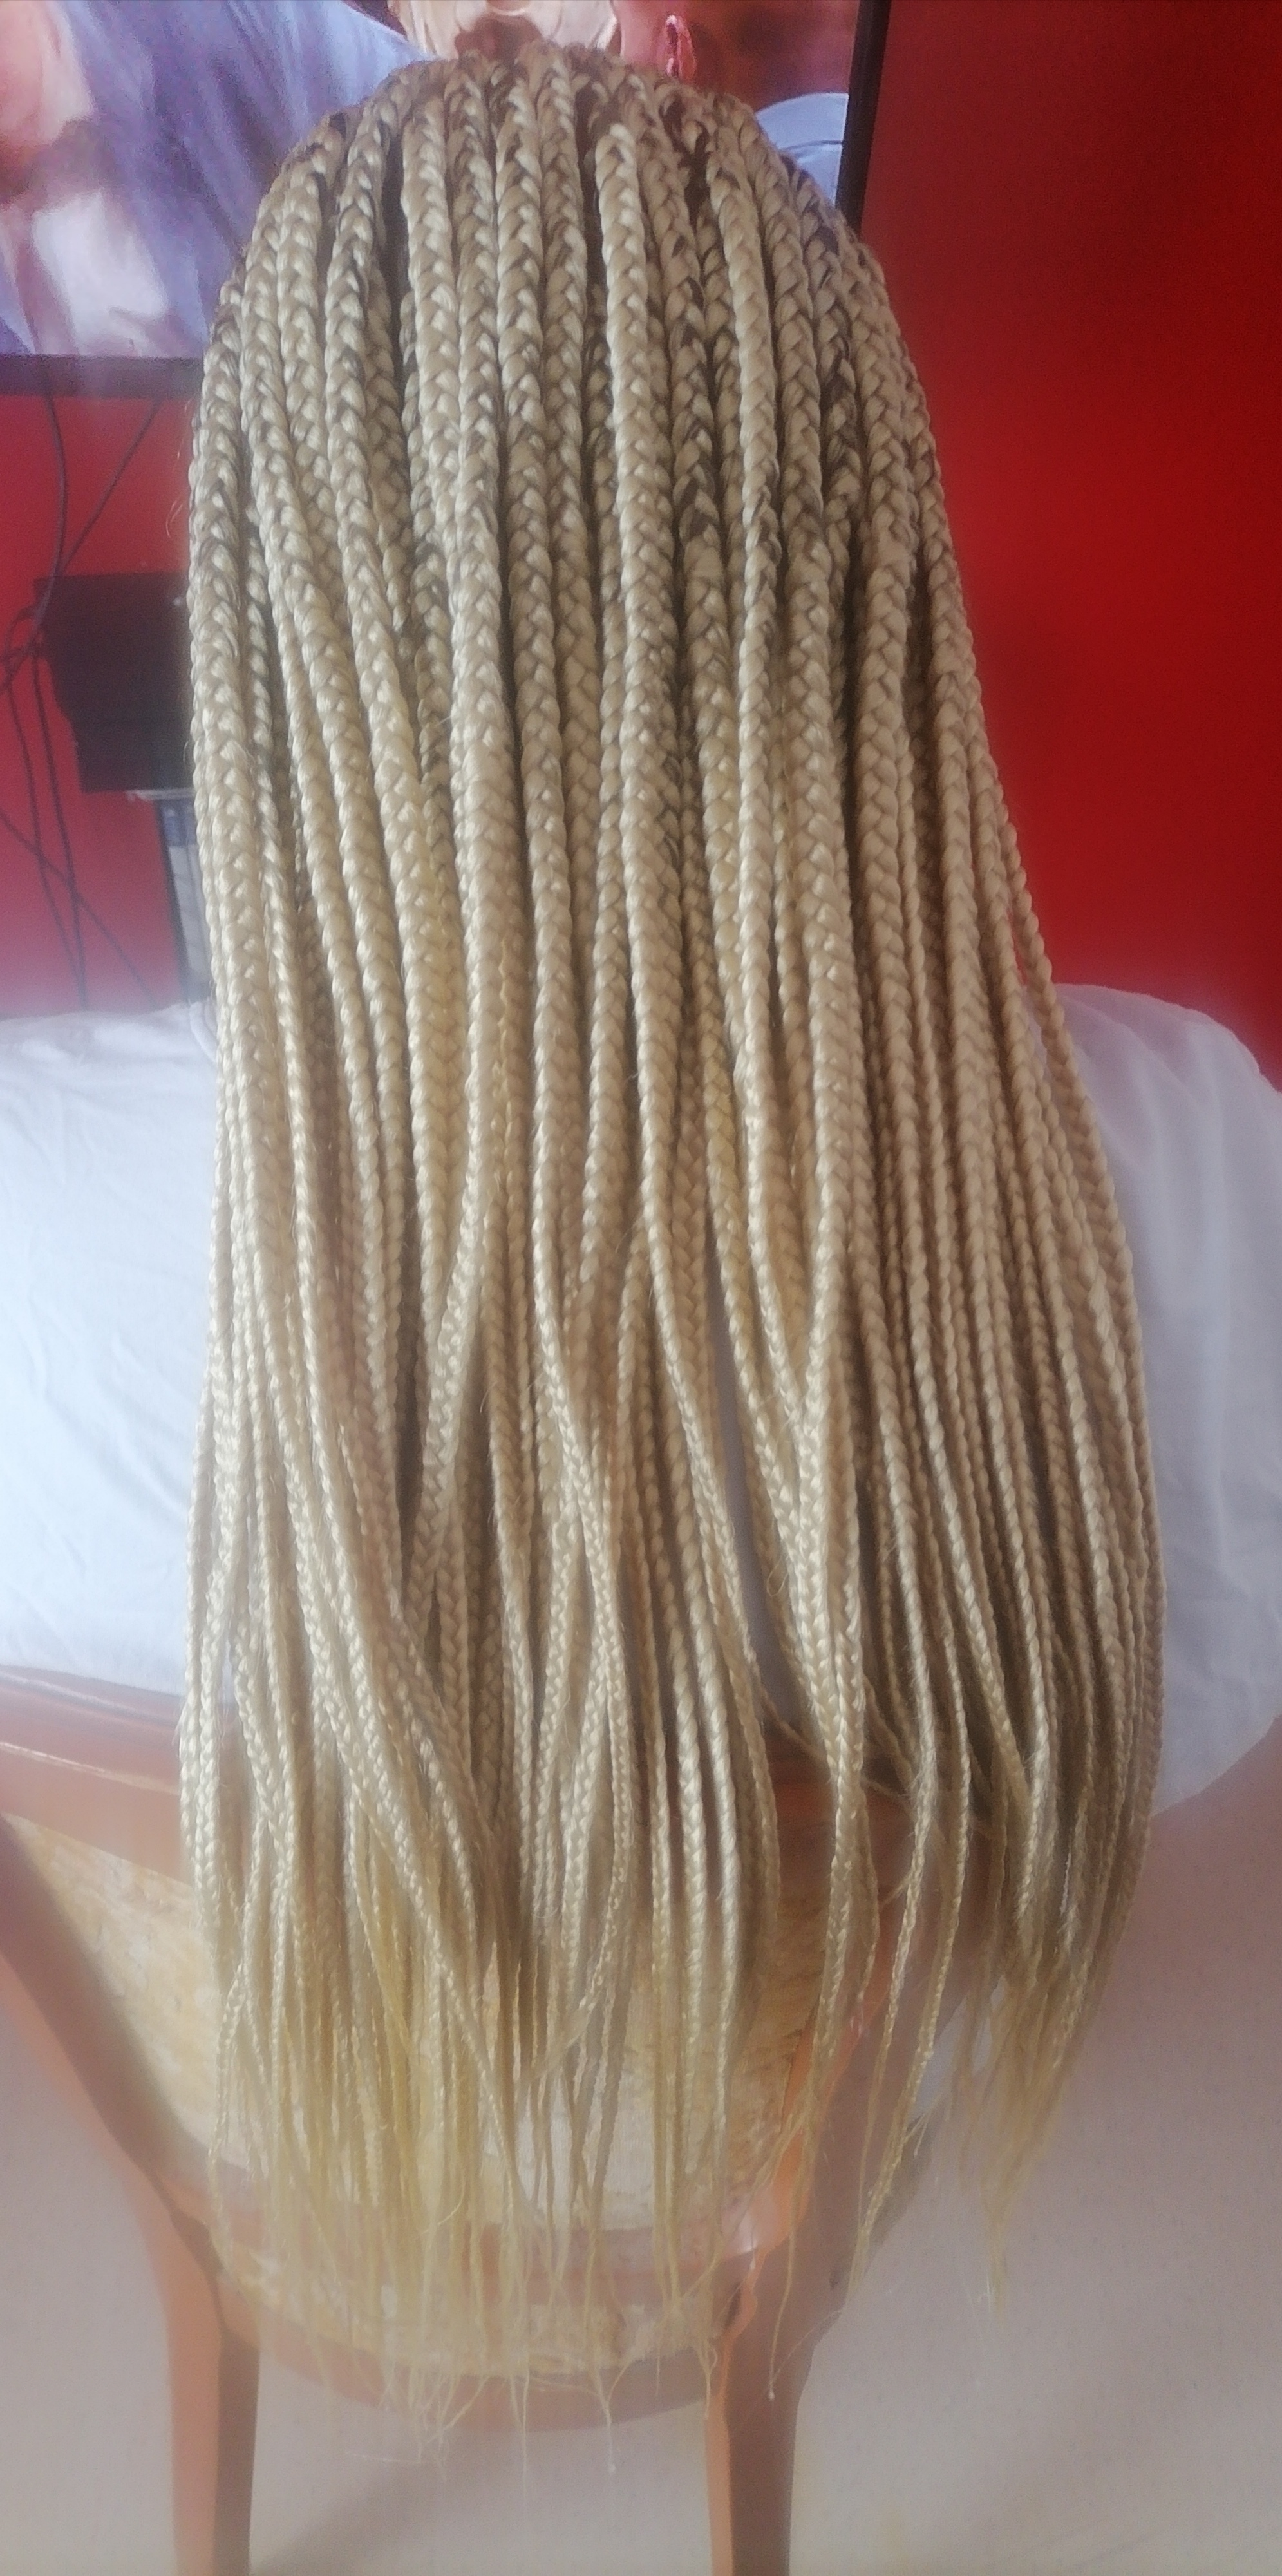 salon de coiffure afro tresse tresses box braids crochet braids vanilles tissages paris 75 77 78 91 92 93 94 95 CUINTDWS